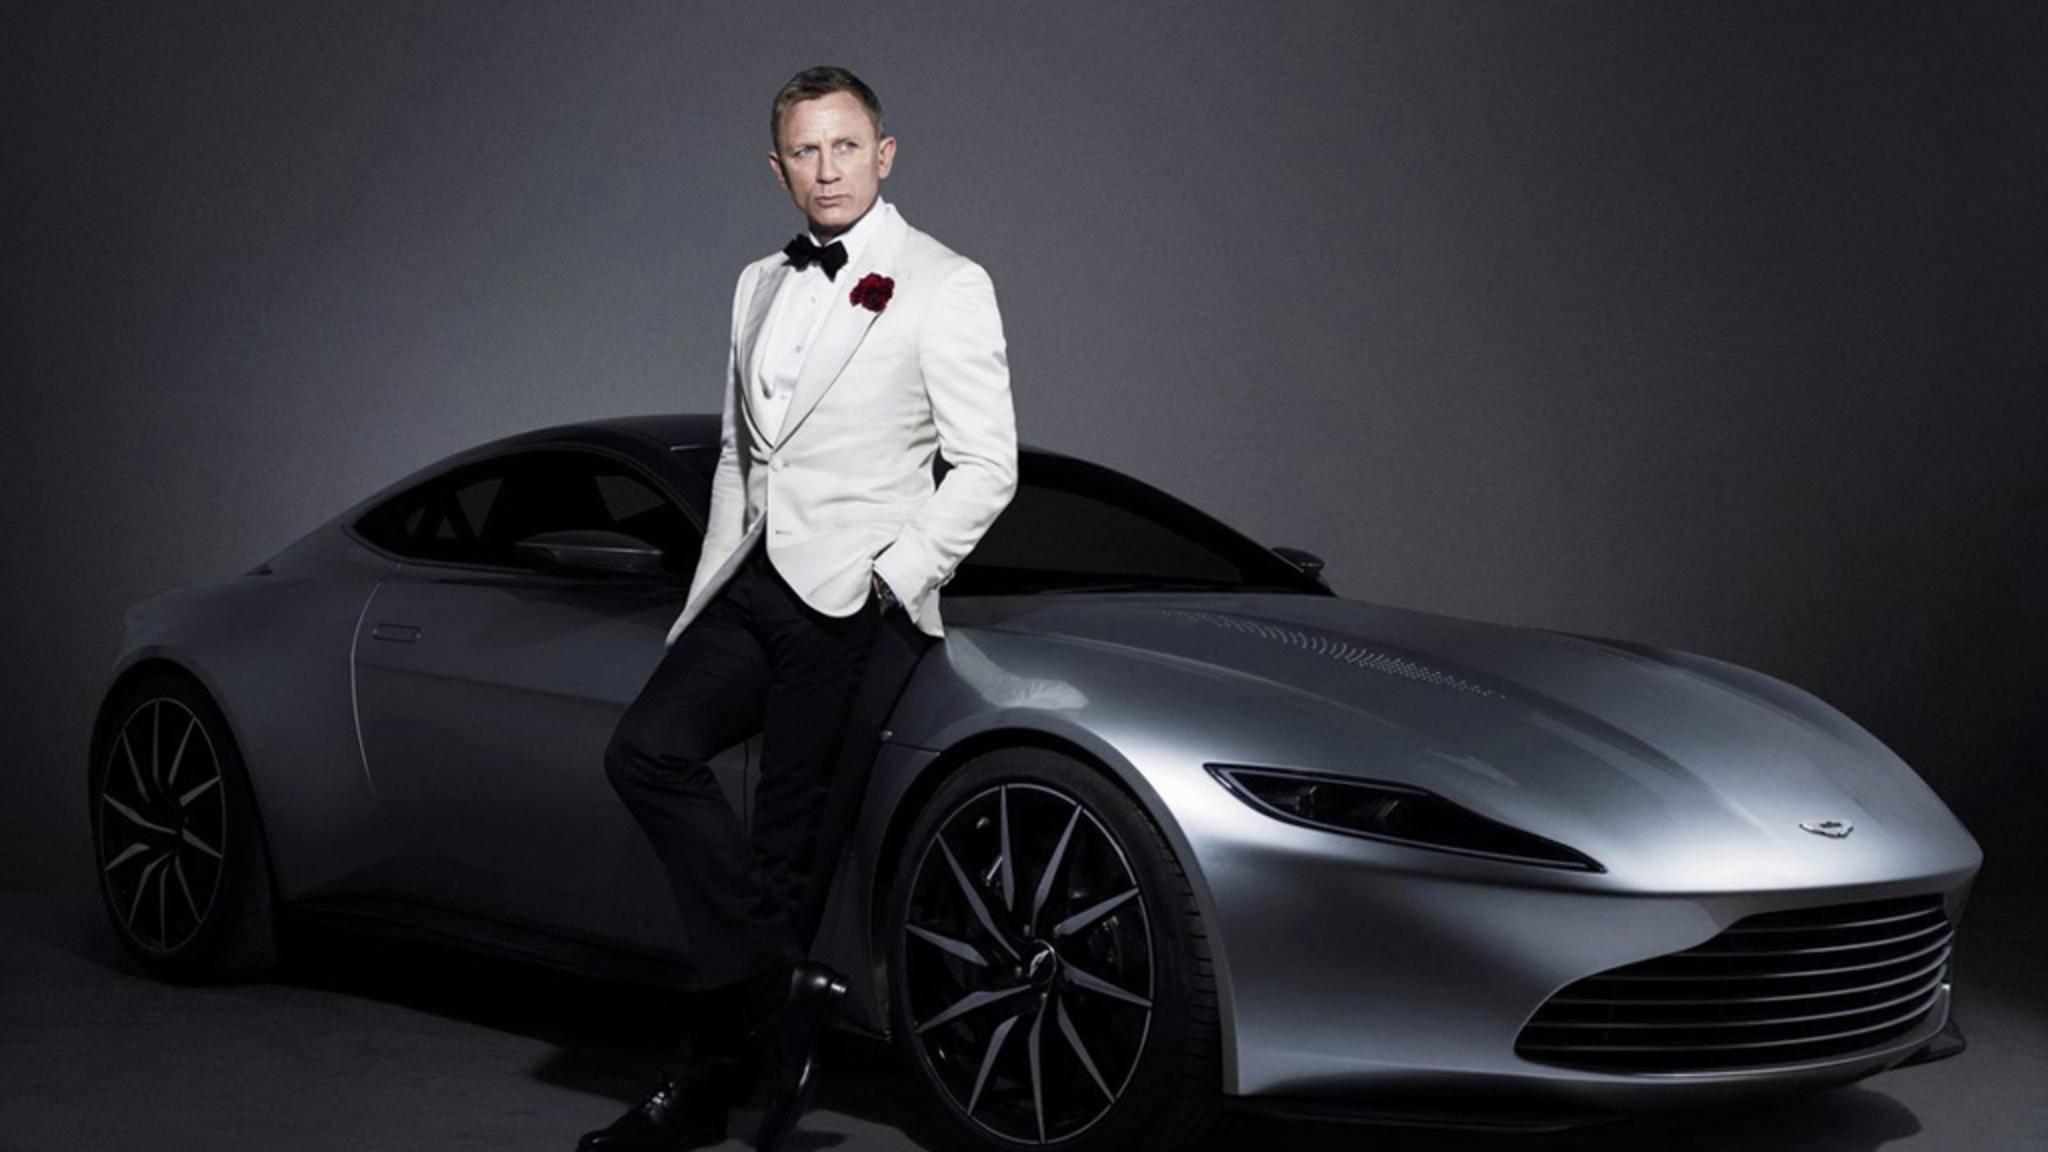 Für Daniel Craig heißt es nun wieder, auf einen neuen Regisseur warten ...